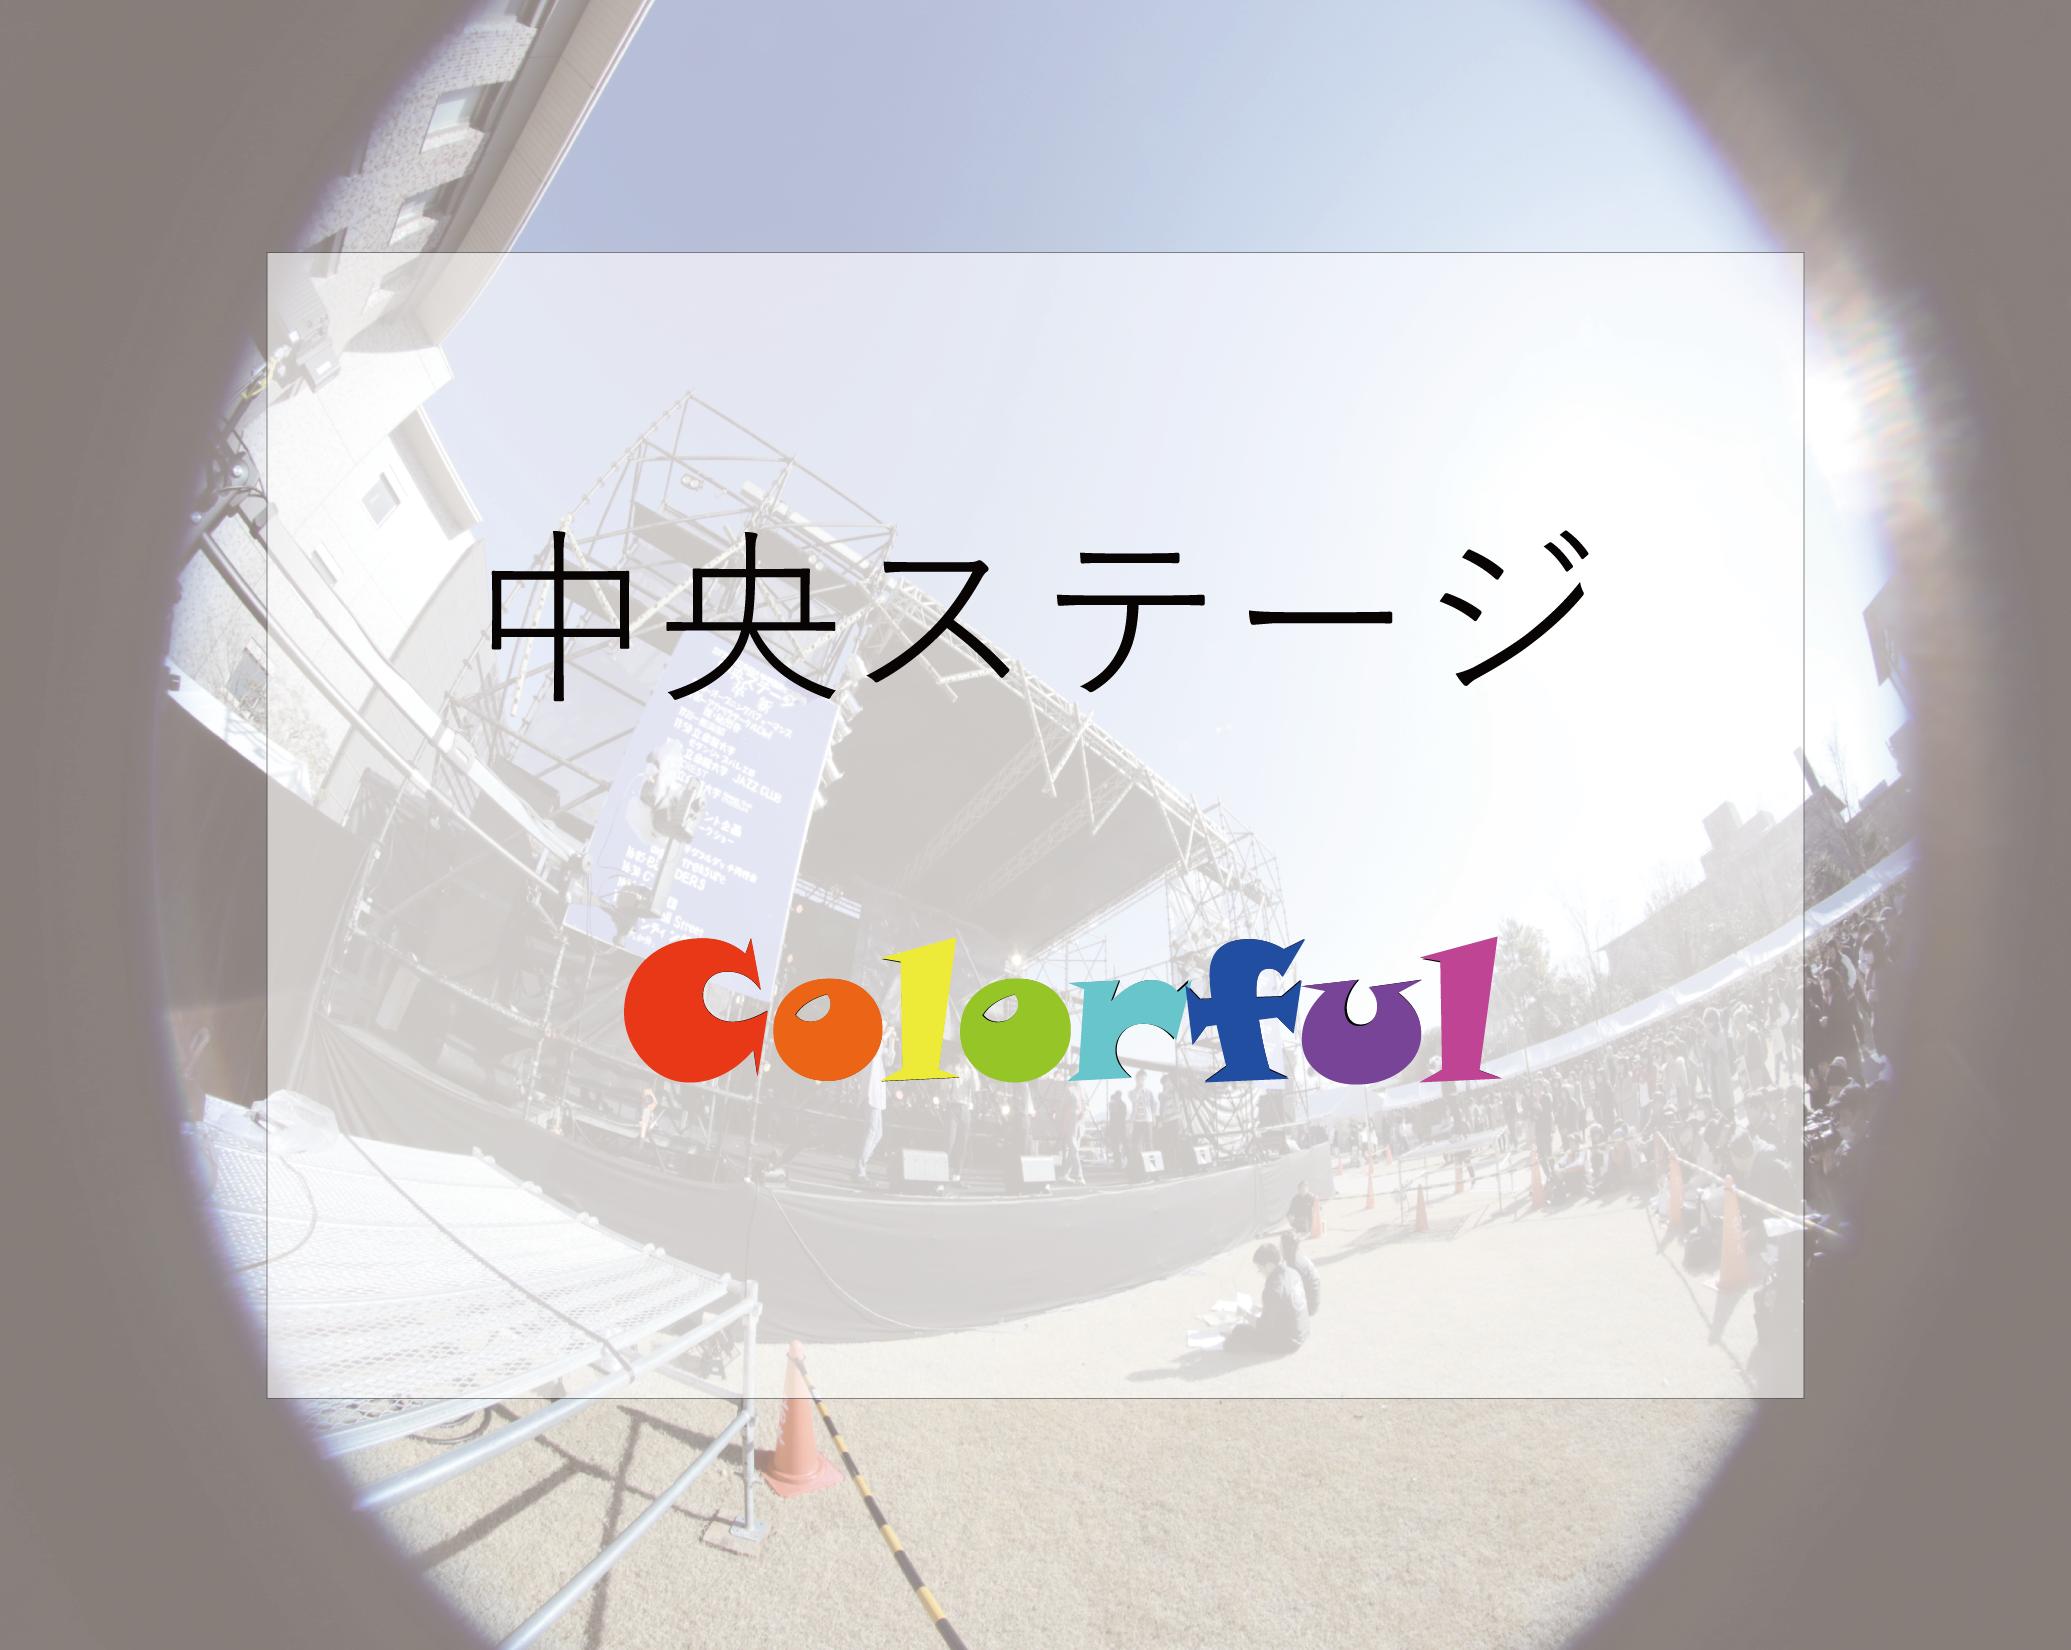 中央ステージ Colorful